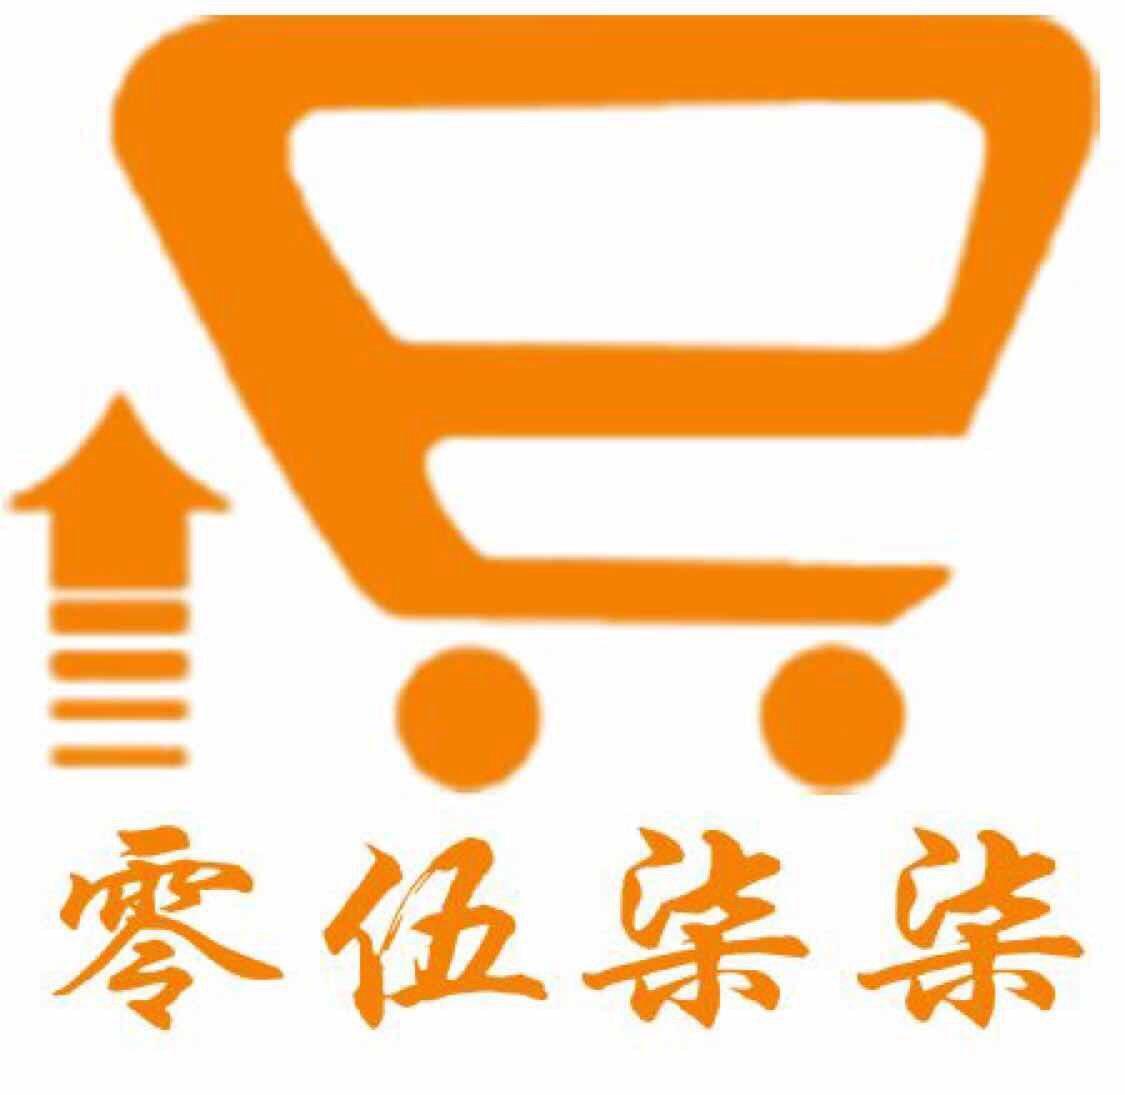 温州零伍柒柒电子商务有限公司